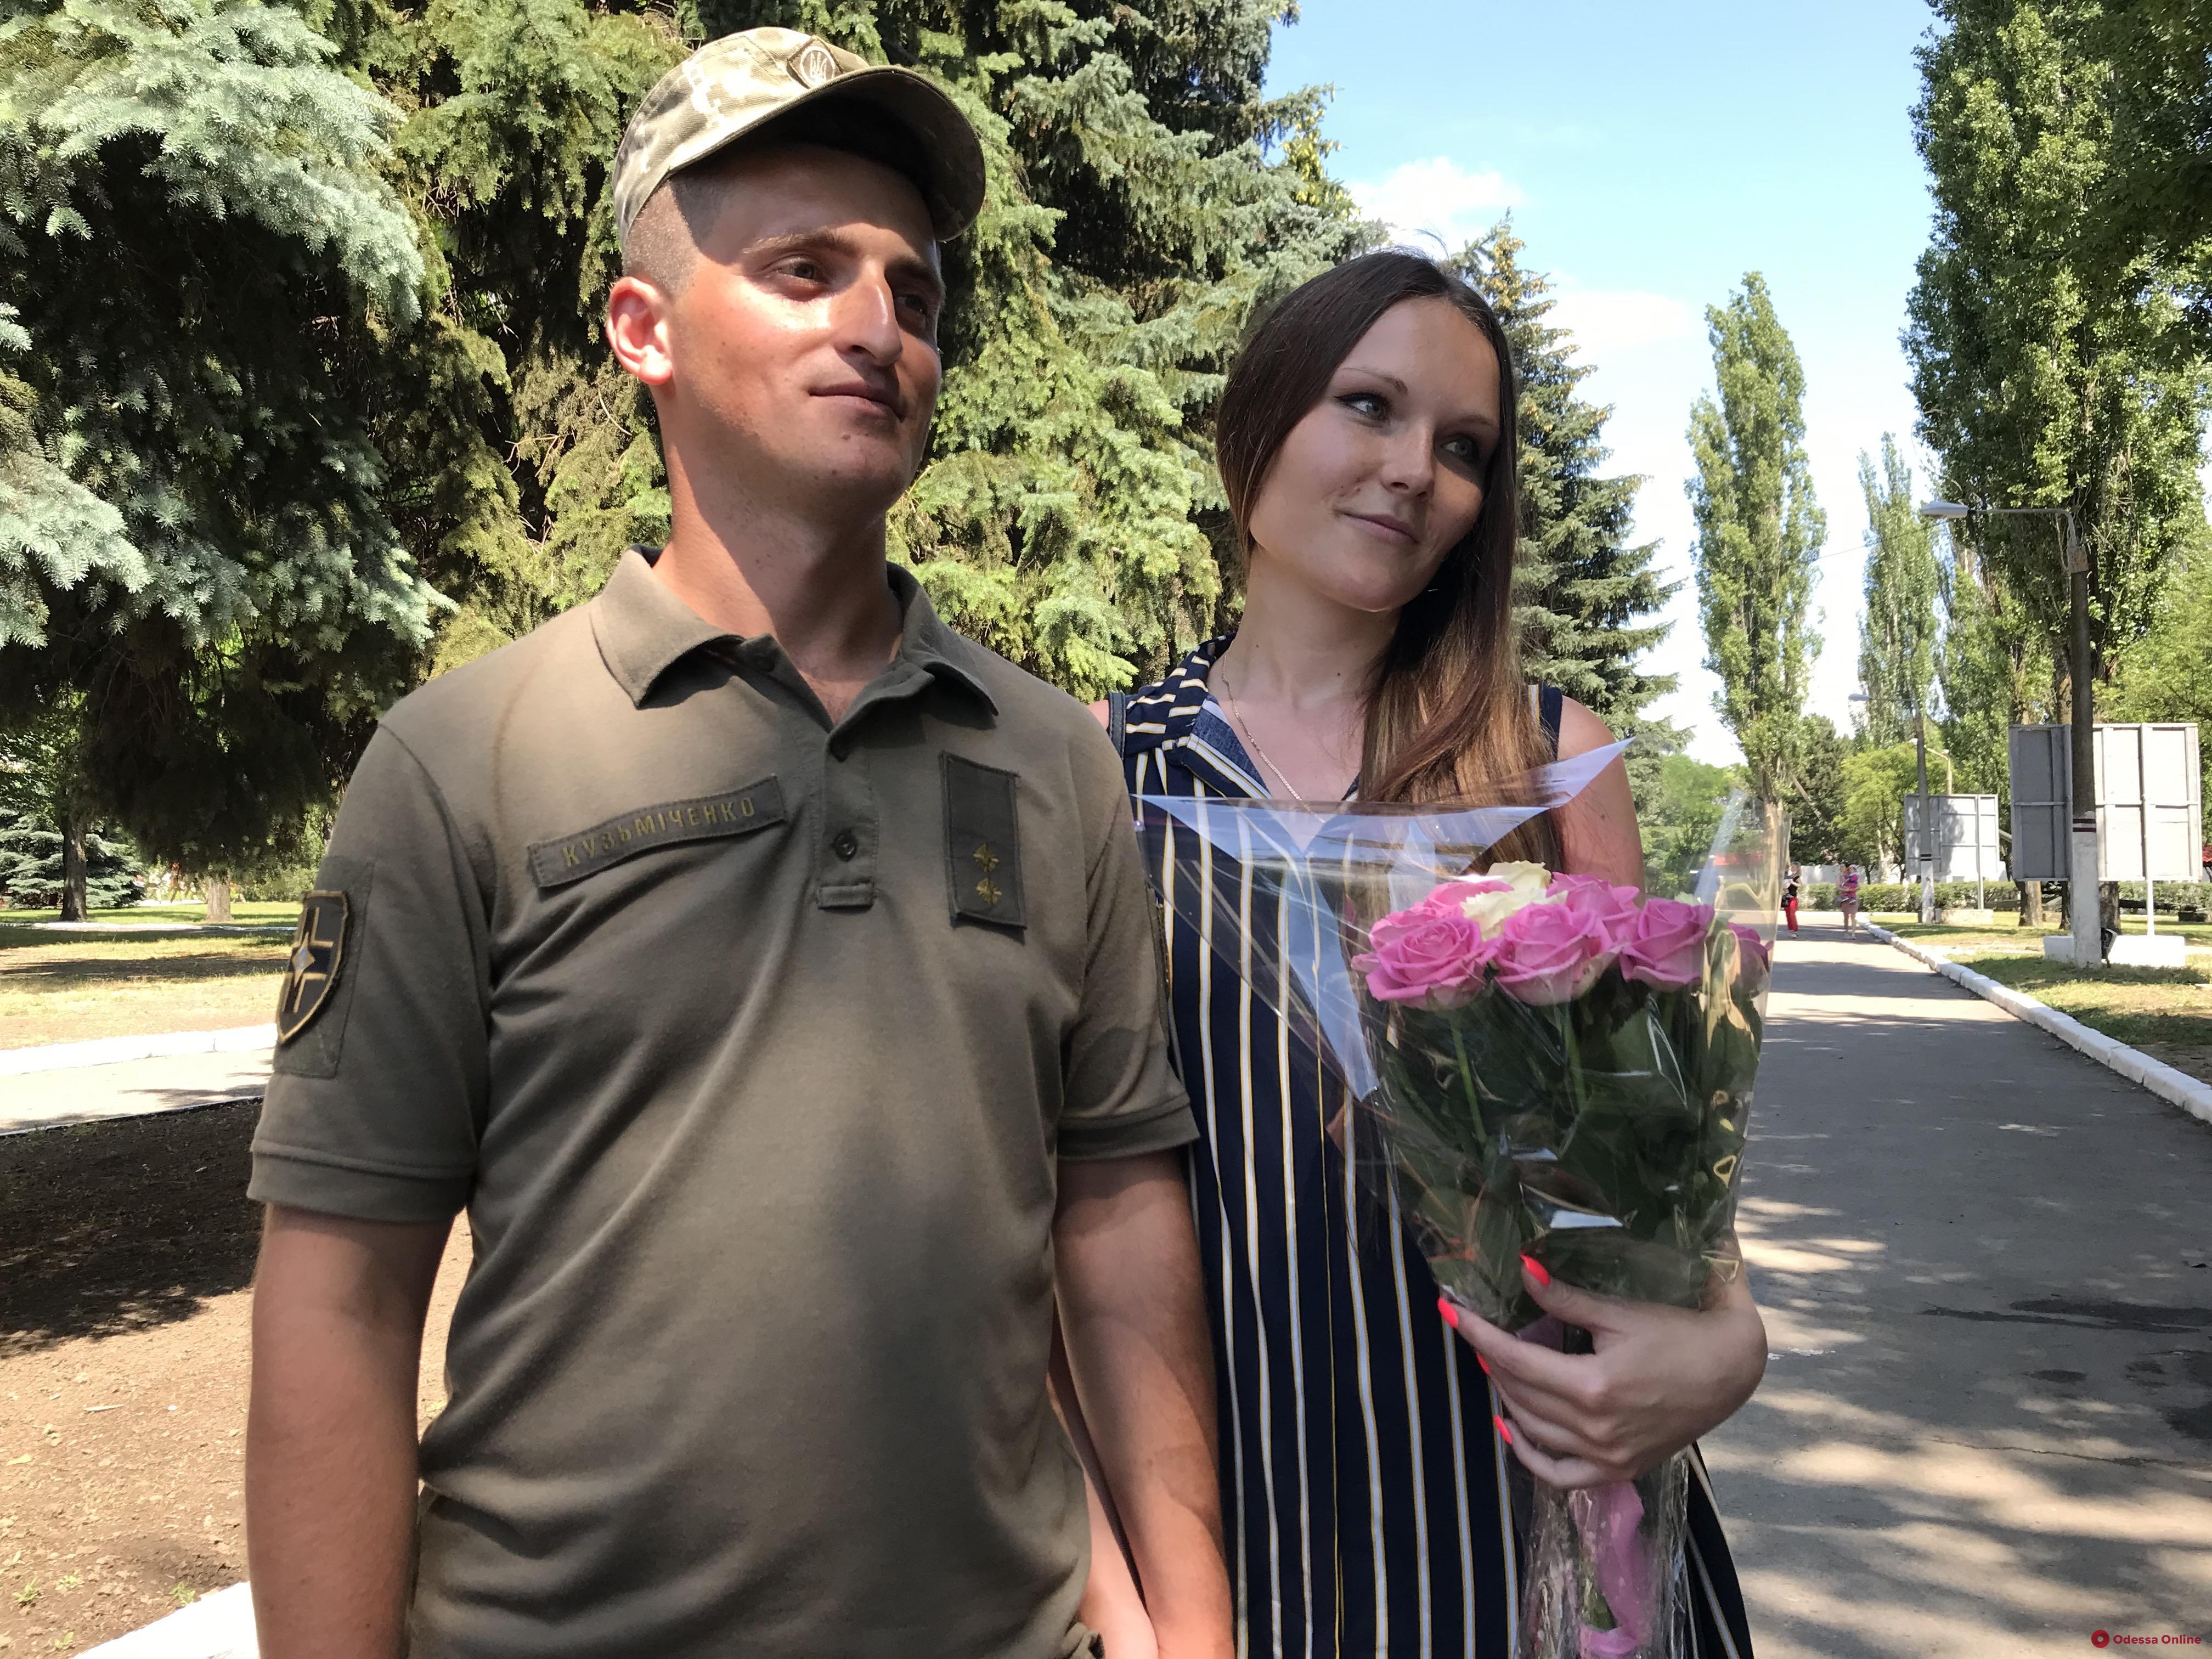 Военнослужащий одесской мехбригады прямо на плацу сделал предложение возлюбленной